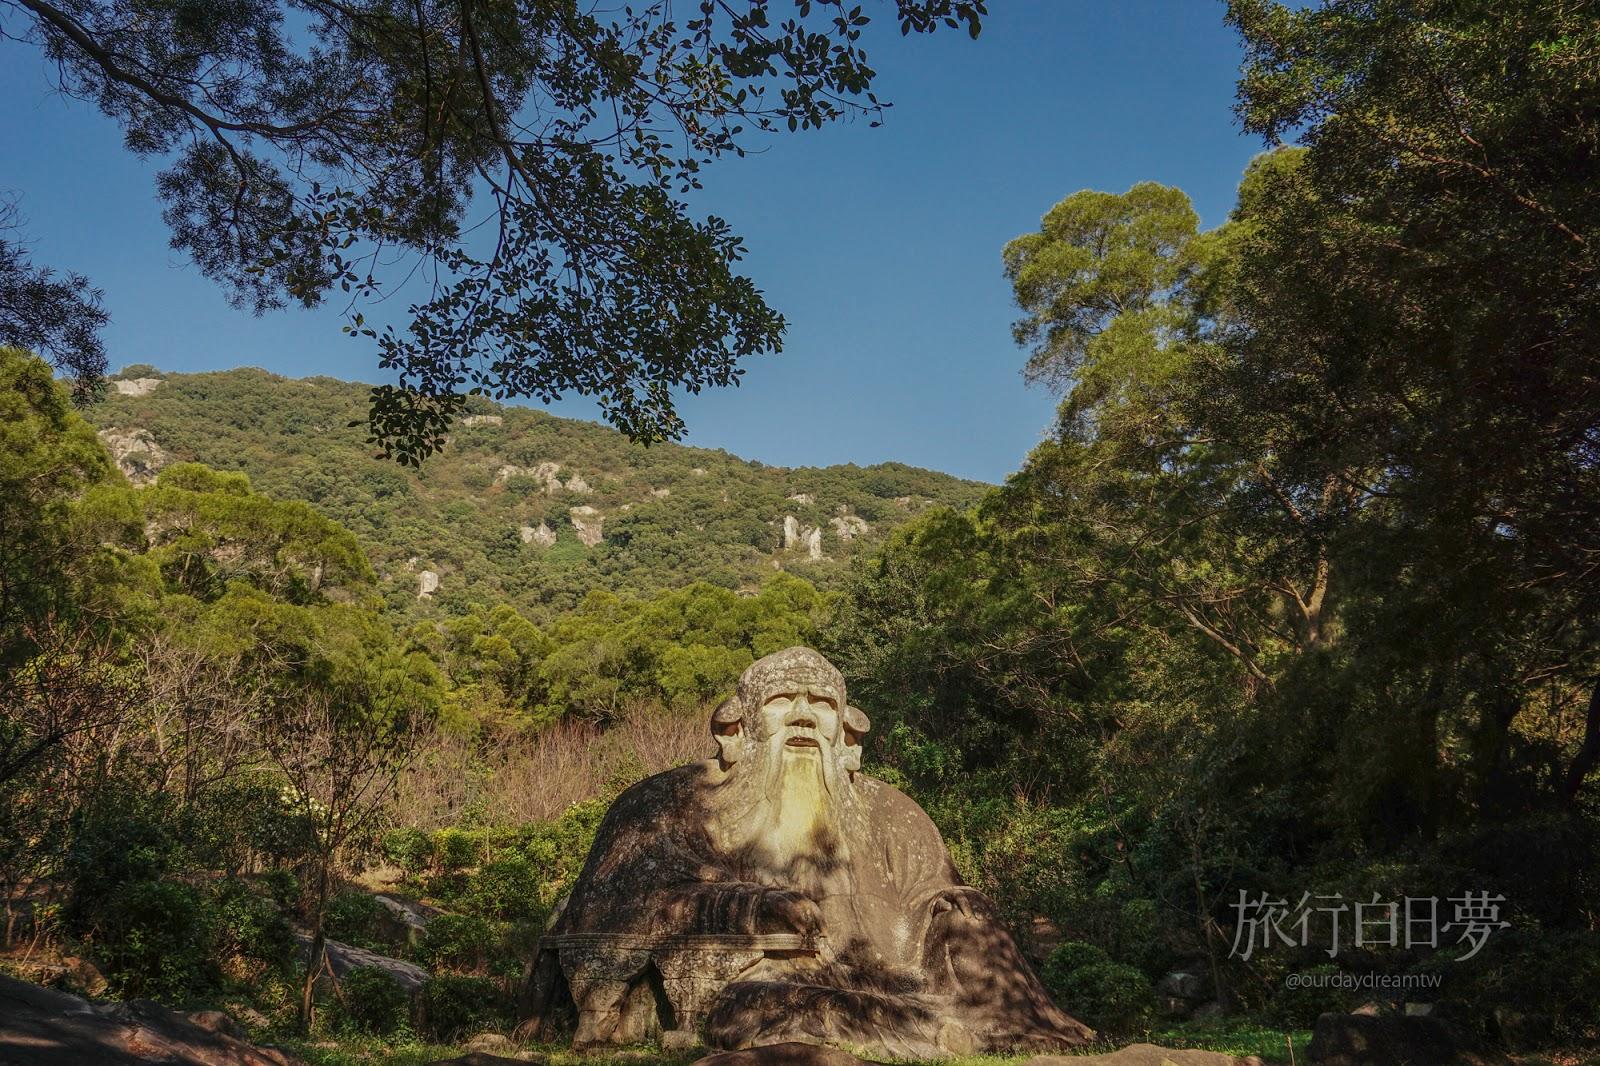 福建泉州│泉州後花園「清源山」 神秘巨石老君岩與宗教遺跡